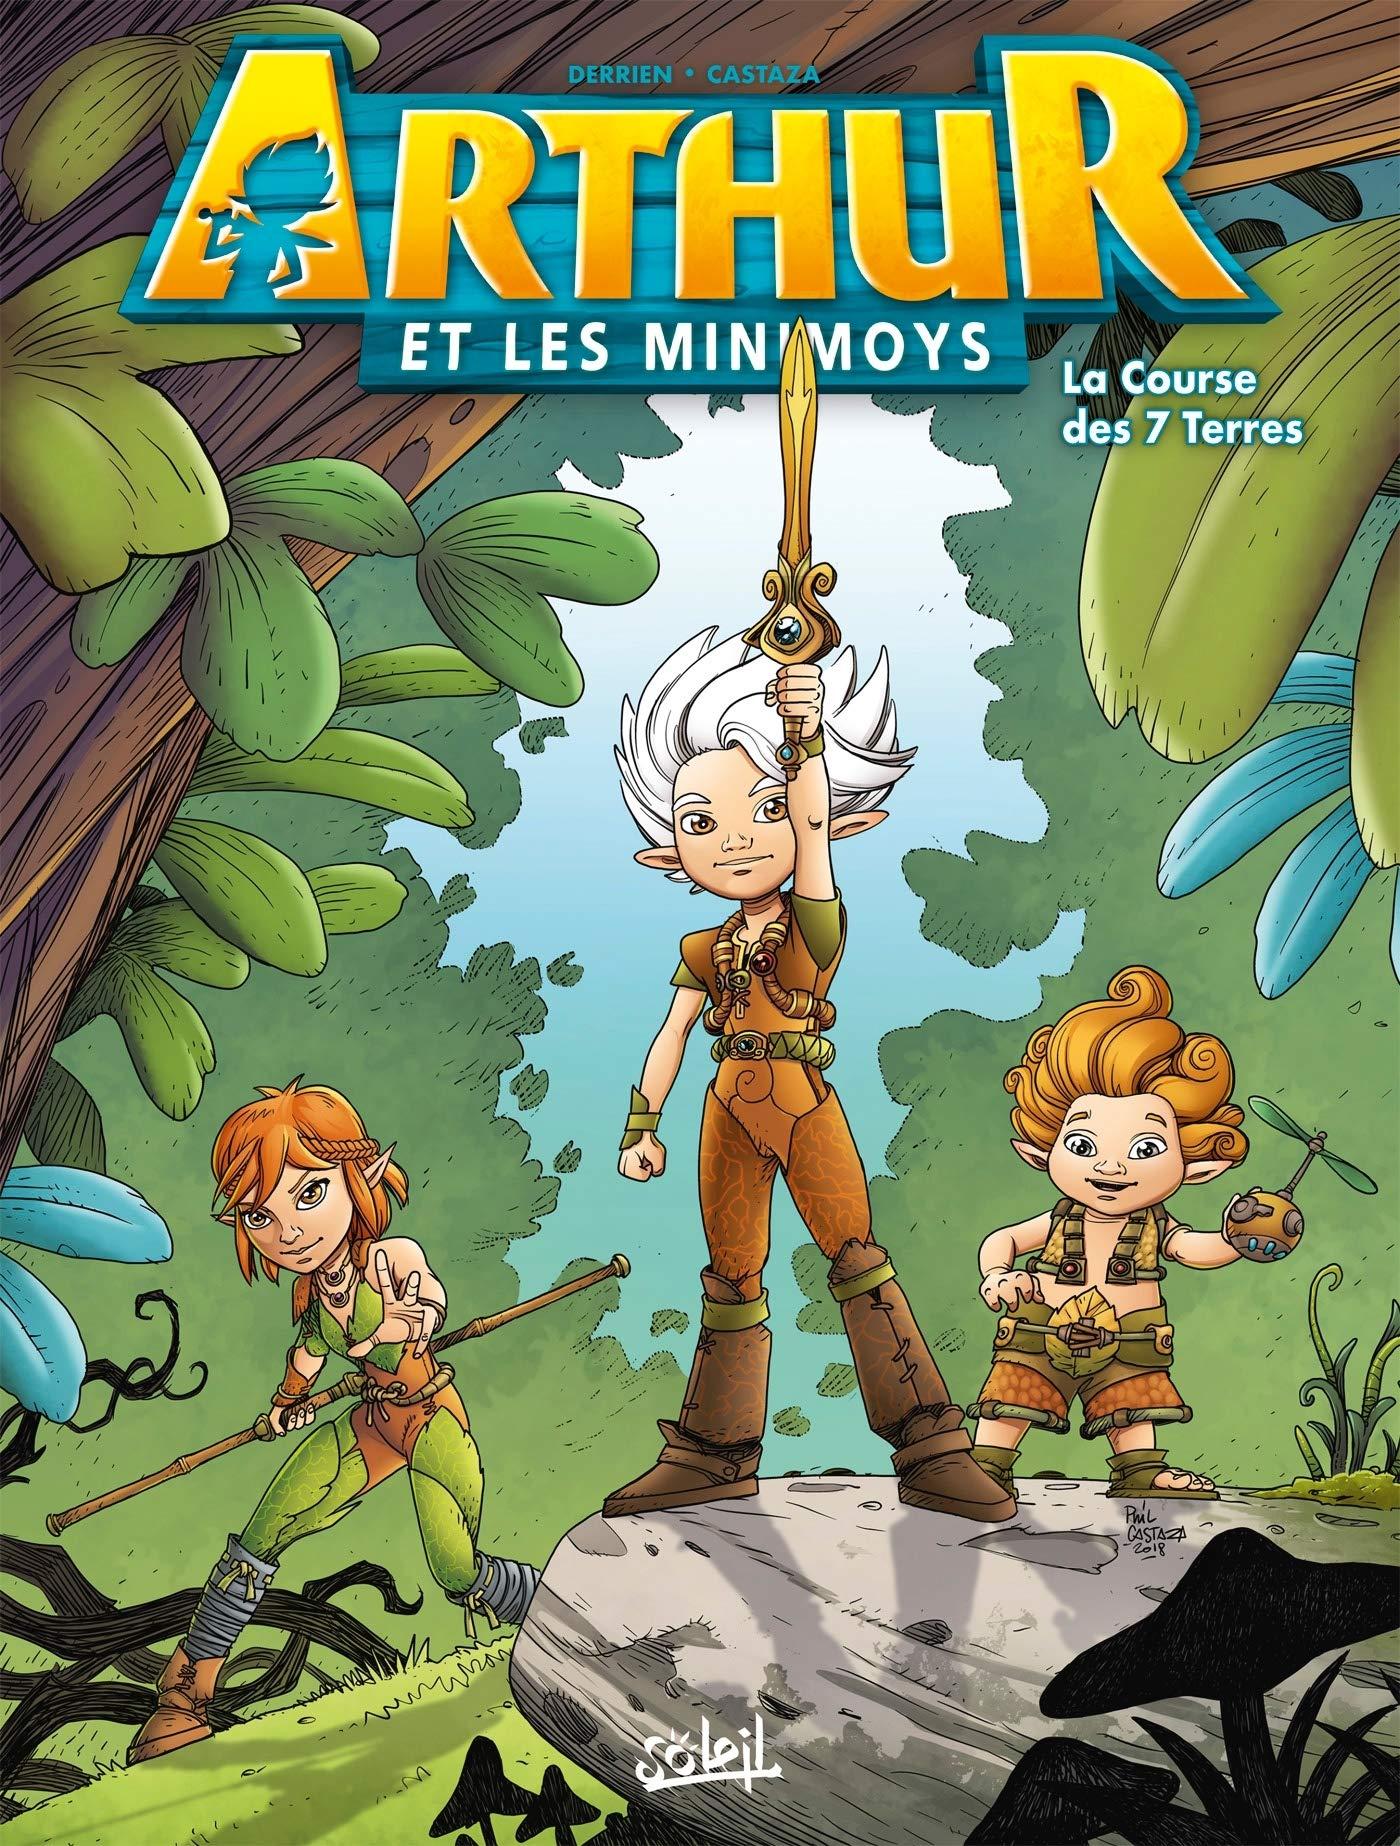 Arthur et les Minimoys (Castaza) 1 - La course des 7 Terres